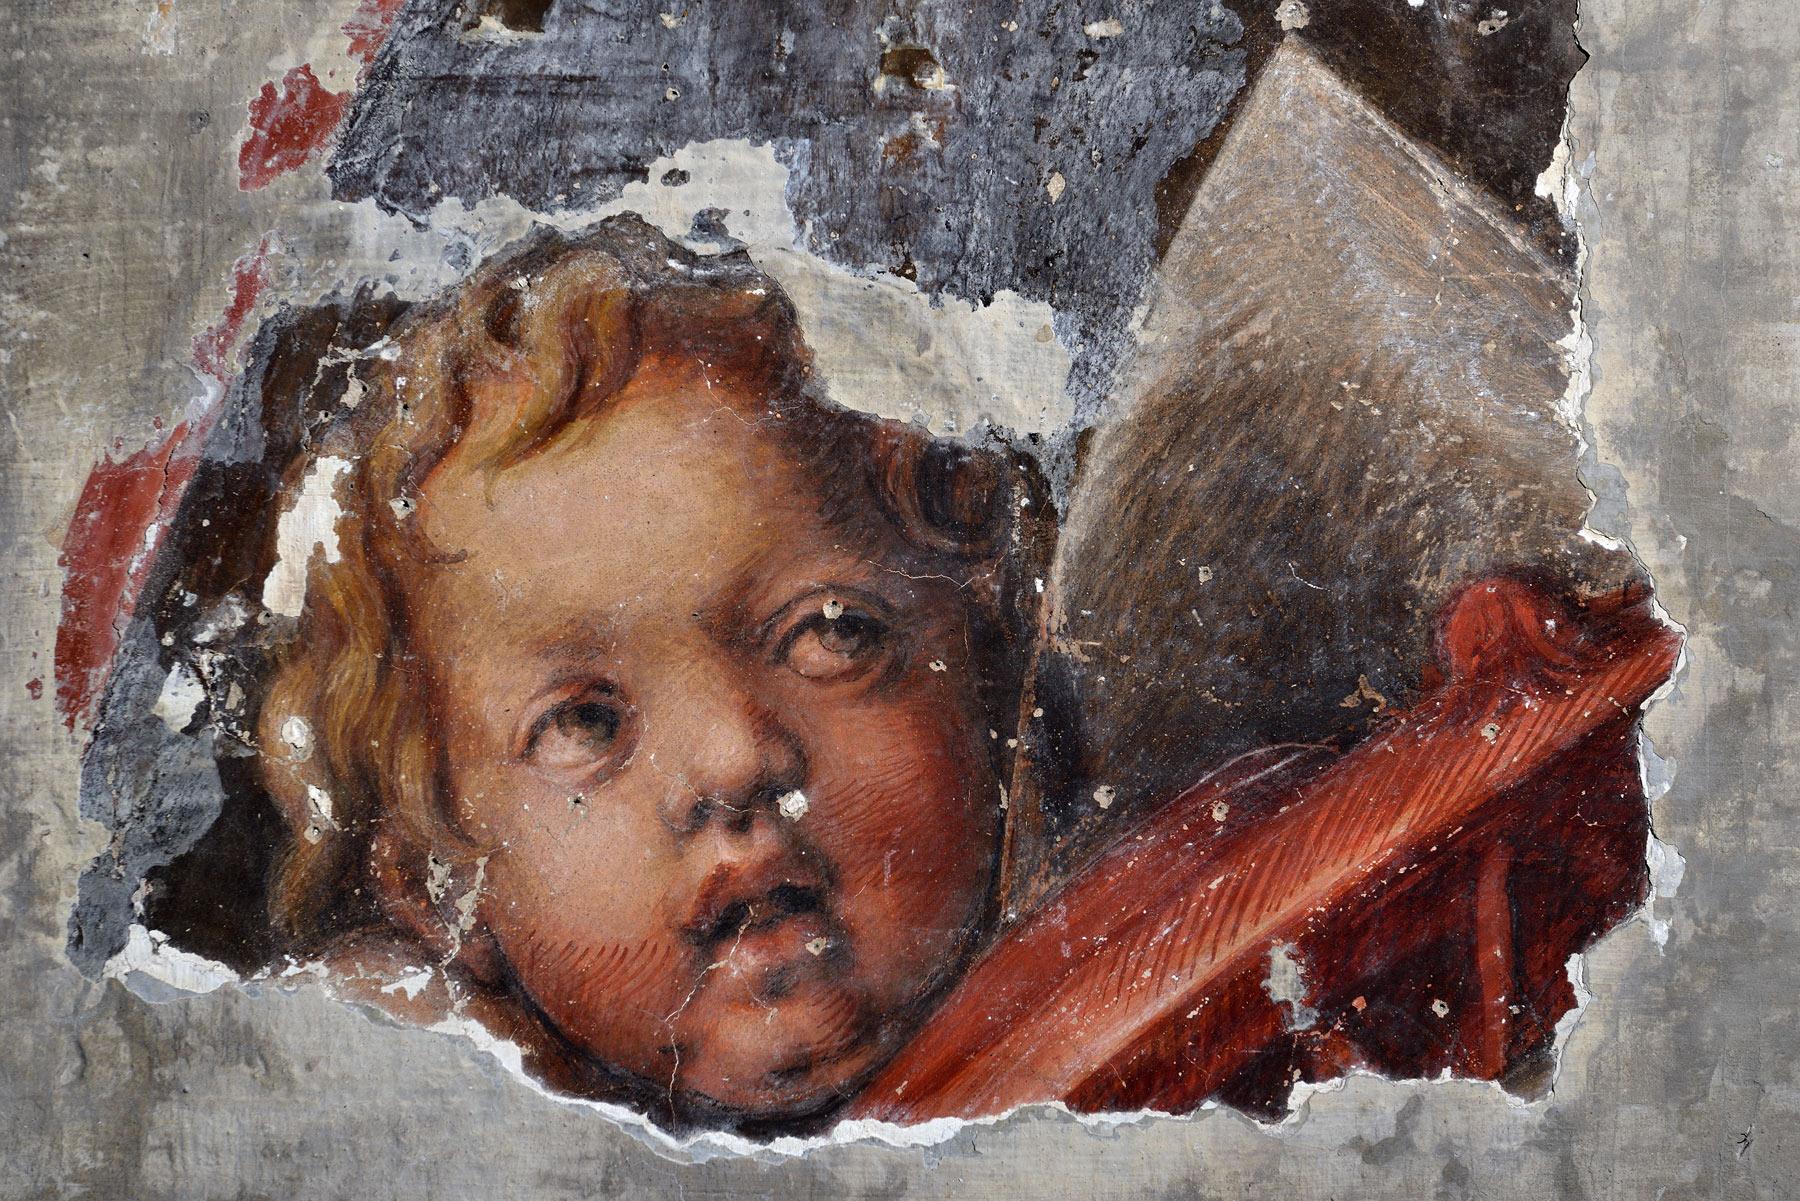 Parma, eccezionale scoperta: ritrovati gli affreschi quattrocenteschi di San Francesco del Prato